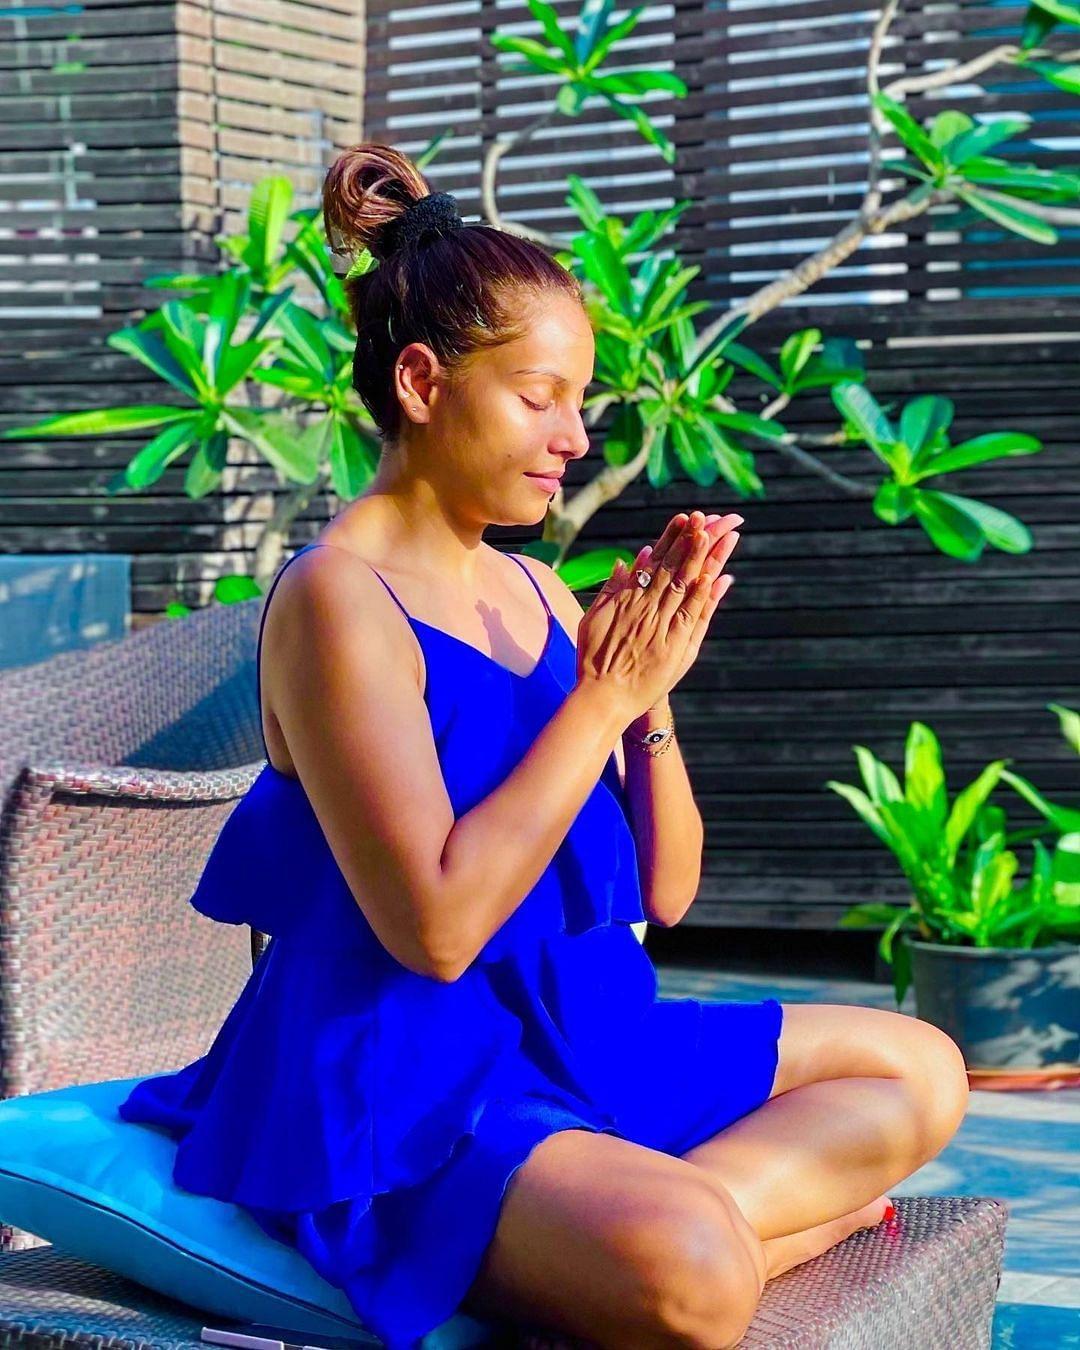 बिपाशा बसु ने महामारी के दौरान सभी के लिए की प्रार्थना